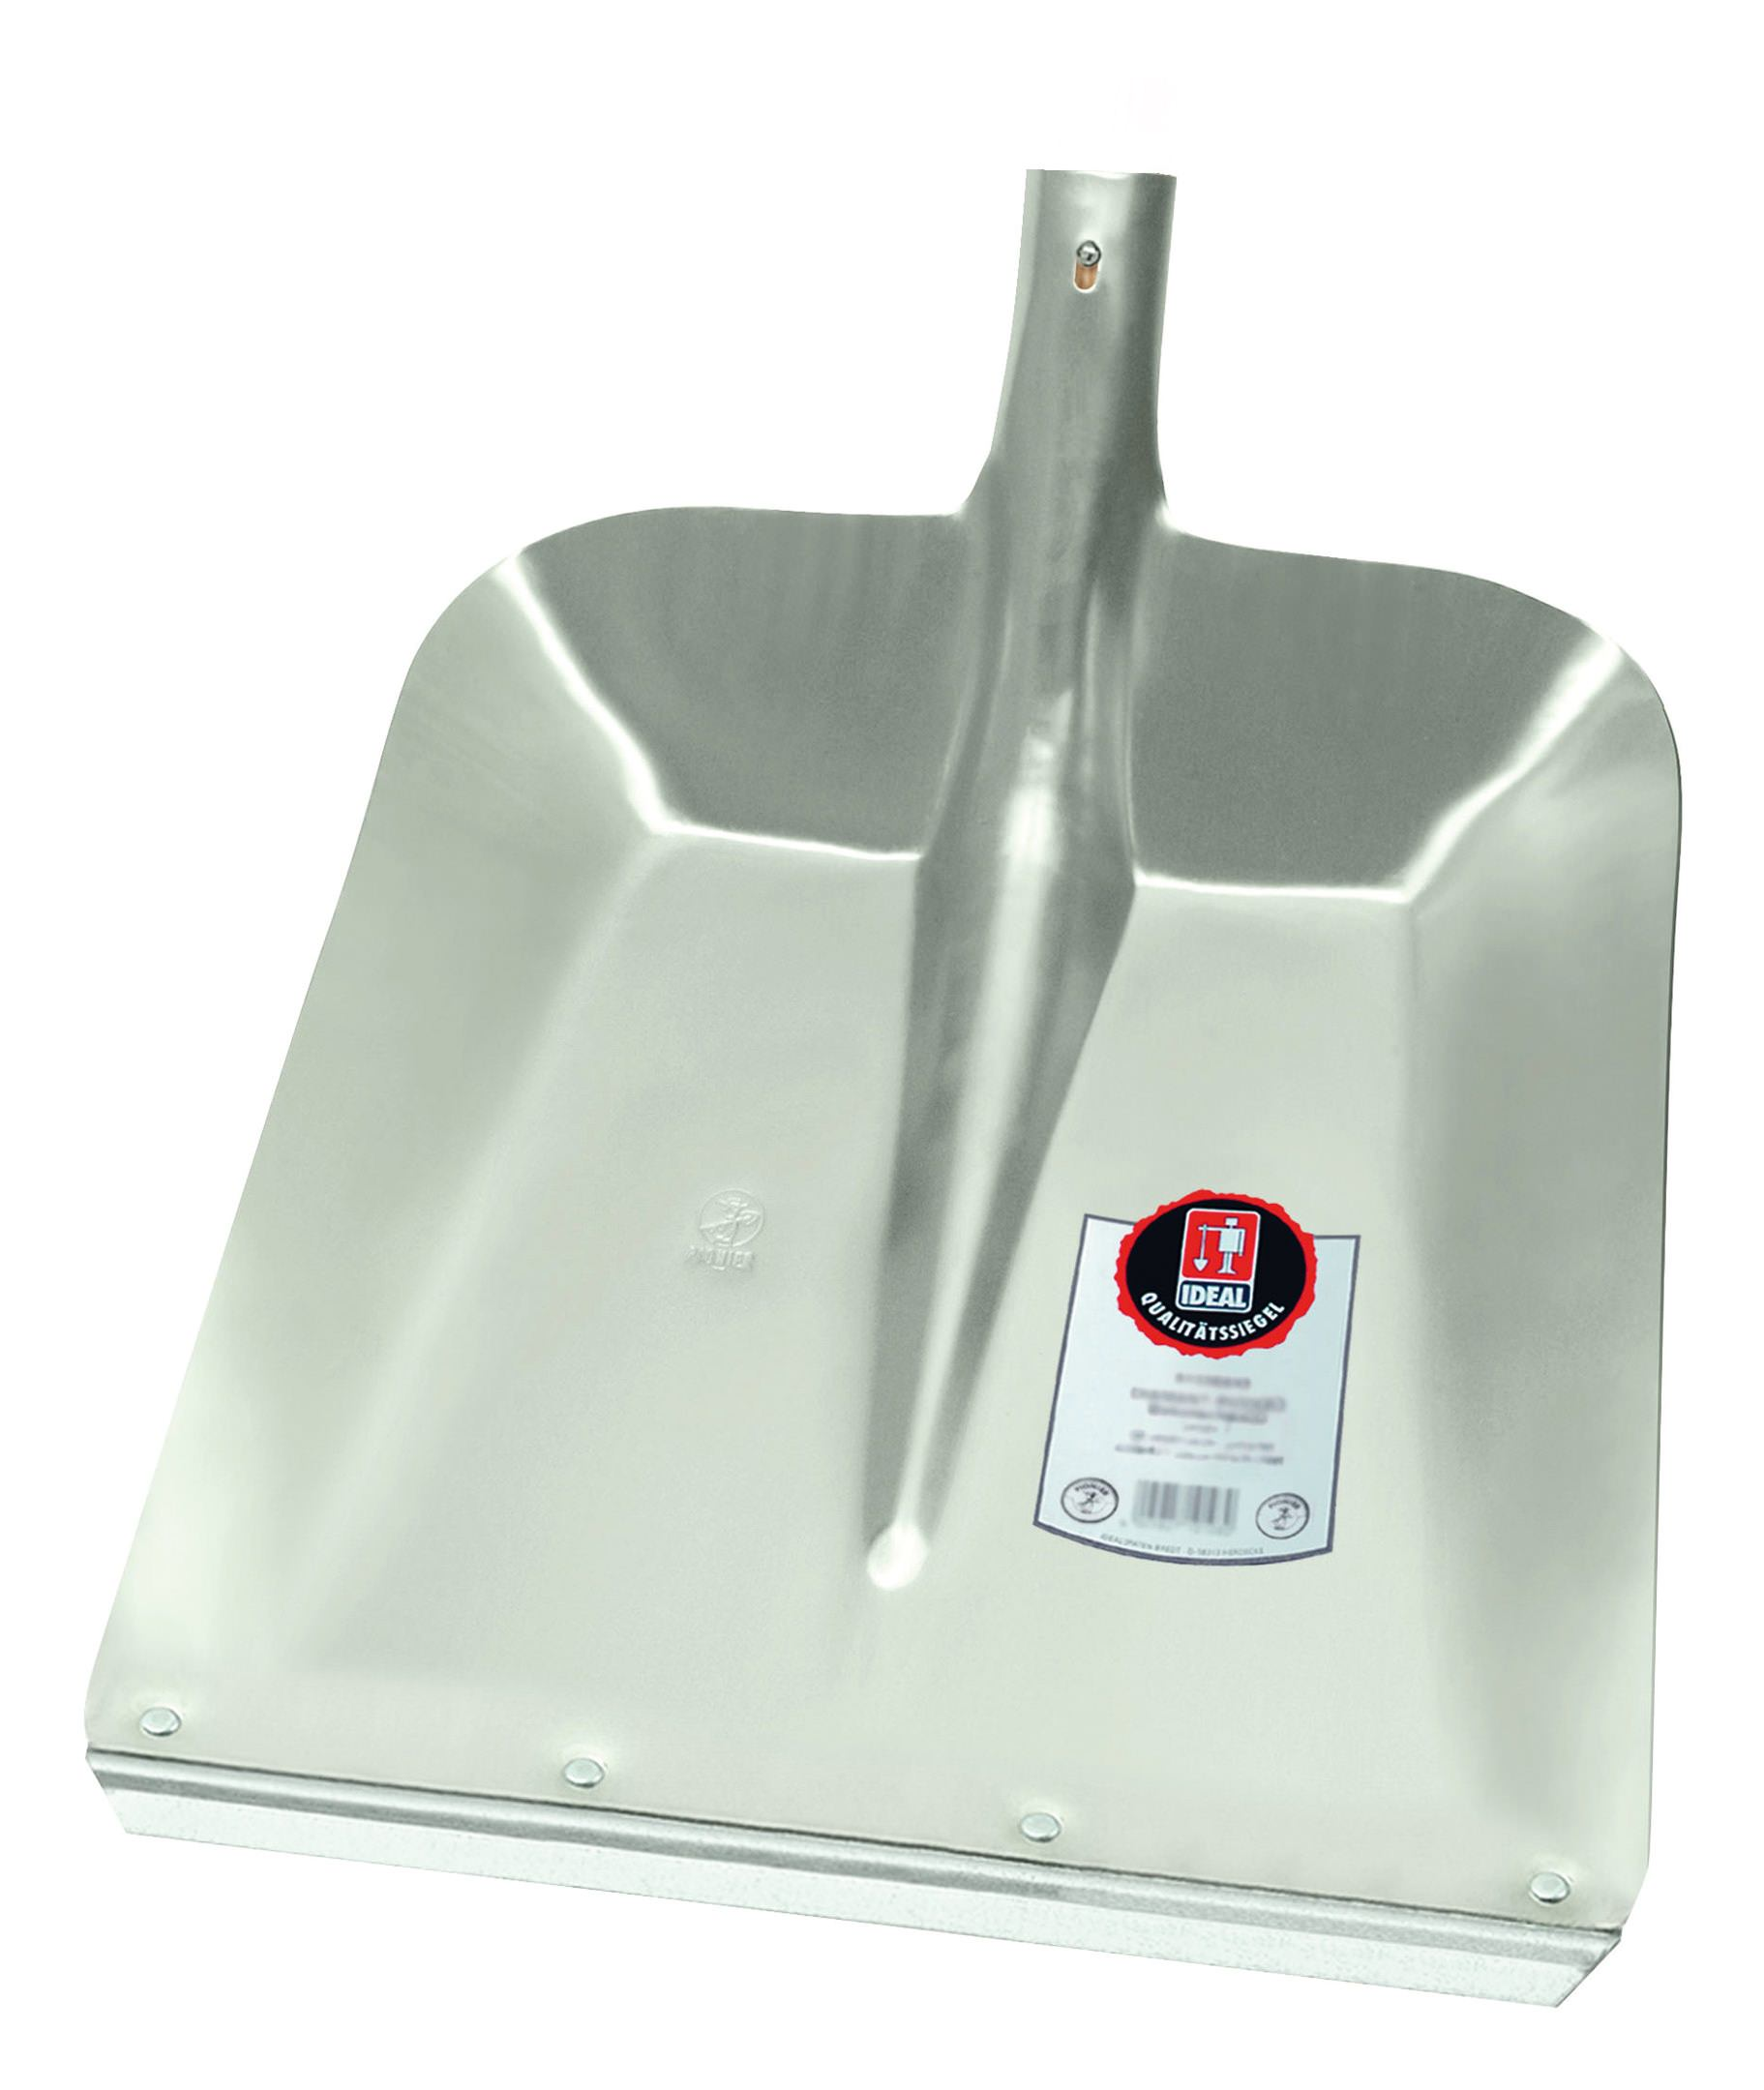 Idealspaten Ideal LM-Randschaufel Größe 9 ohne Stiel mit Kante - 56190920